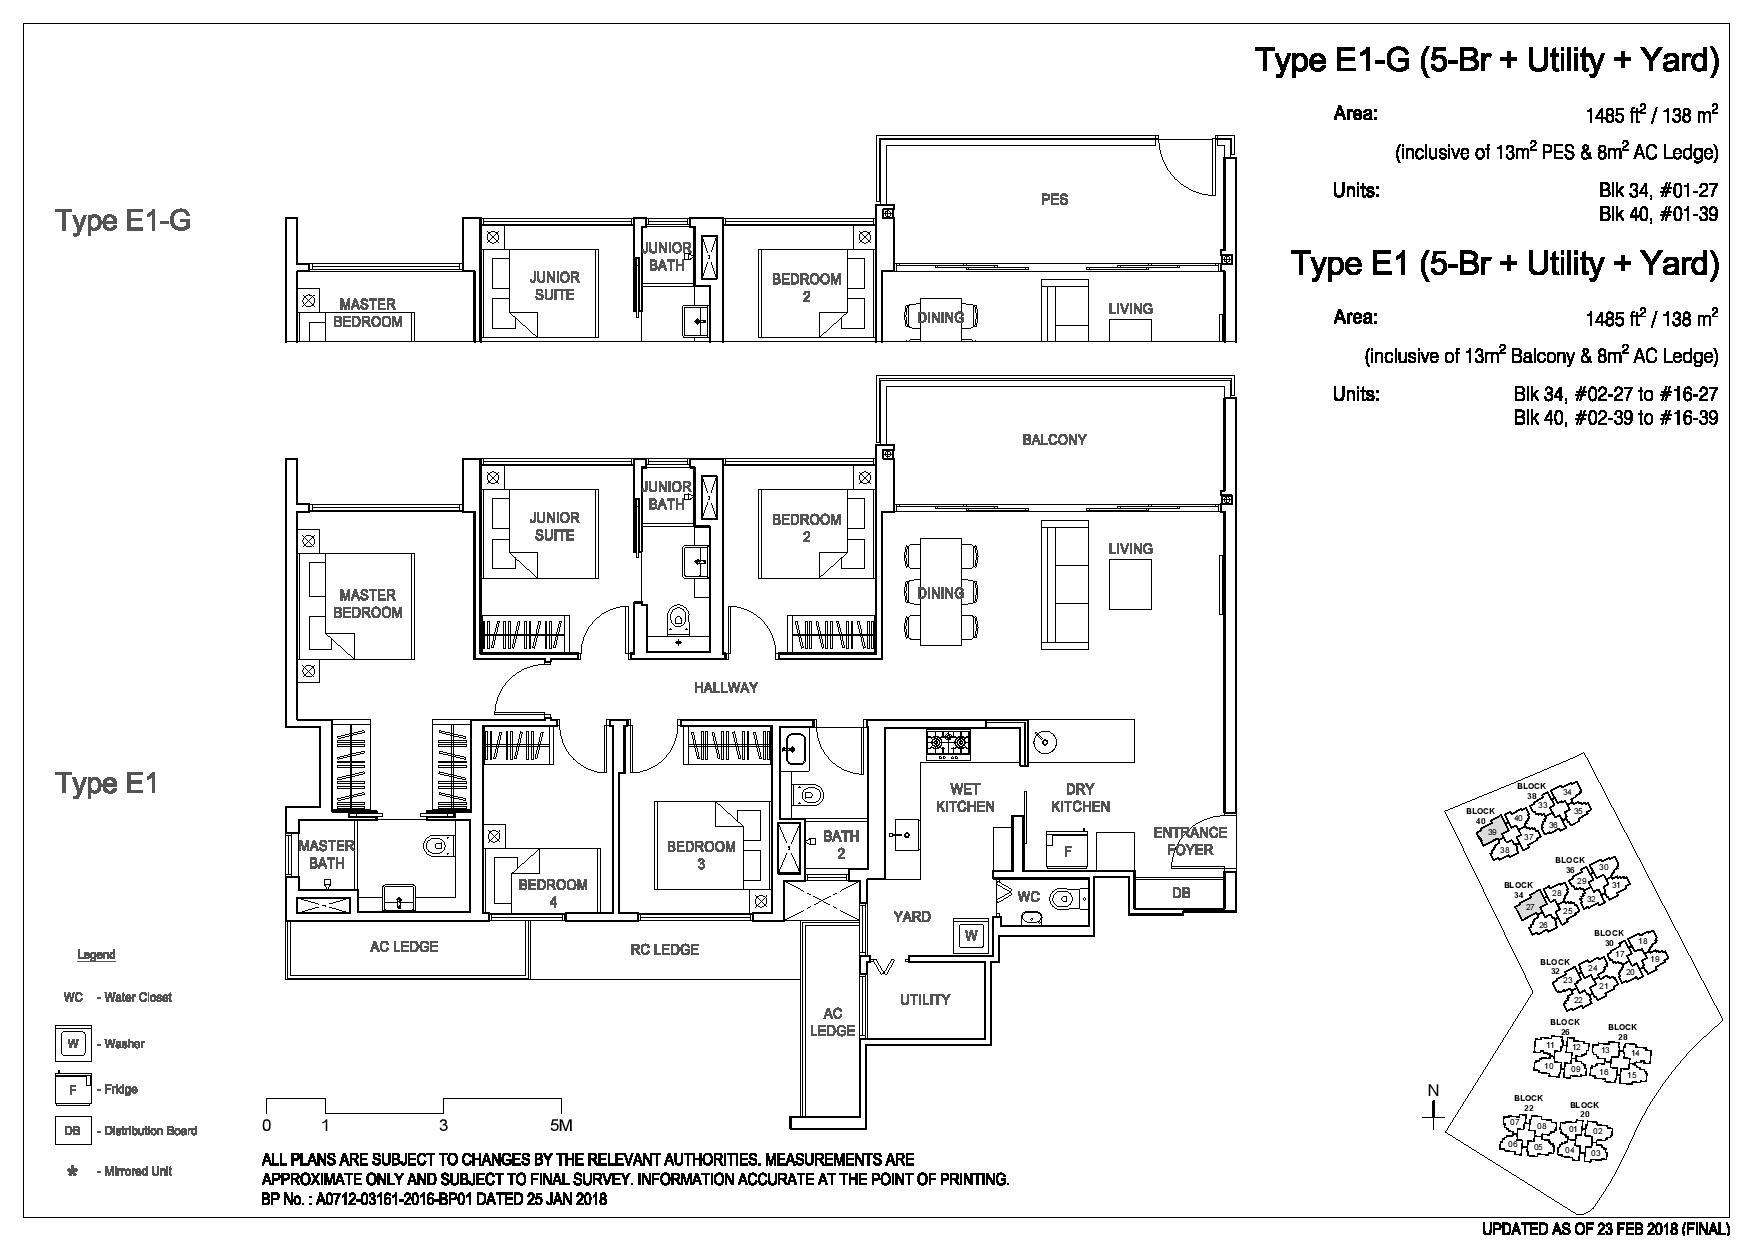 3 Bedroom Type E1